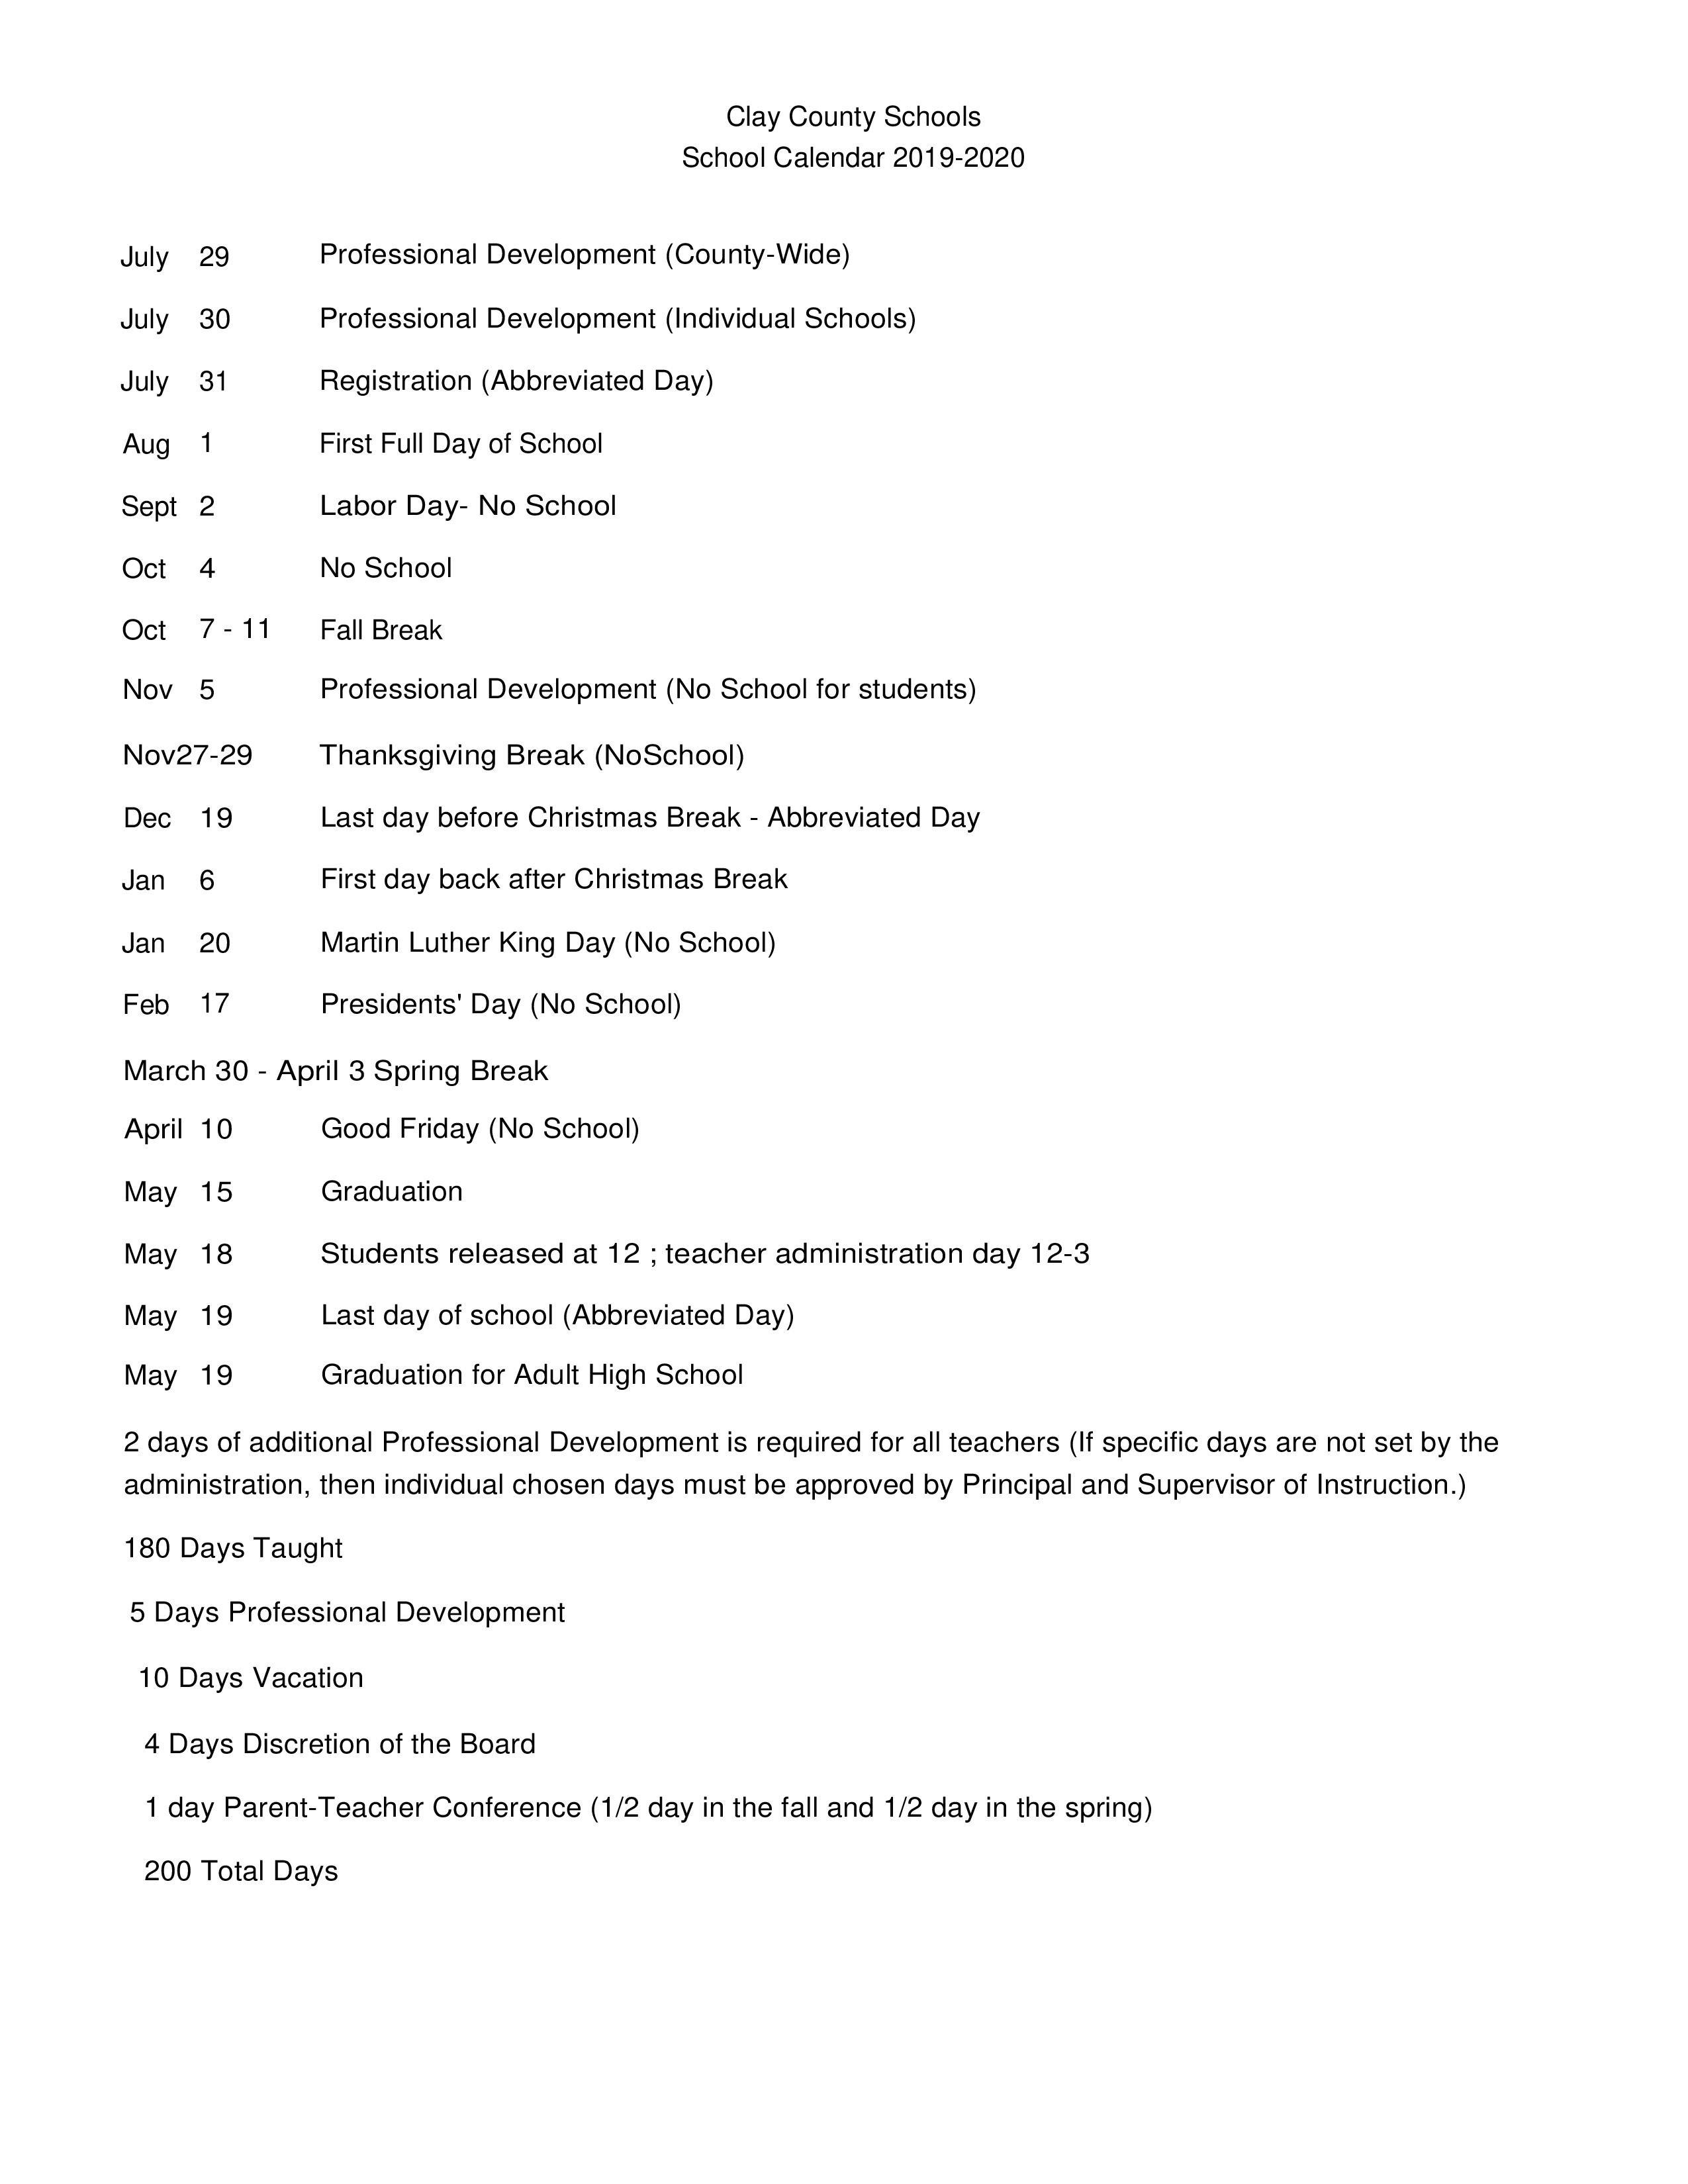 School Calendar - Clay County Schools Within Clay County Fl School Calendar